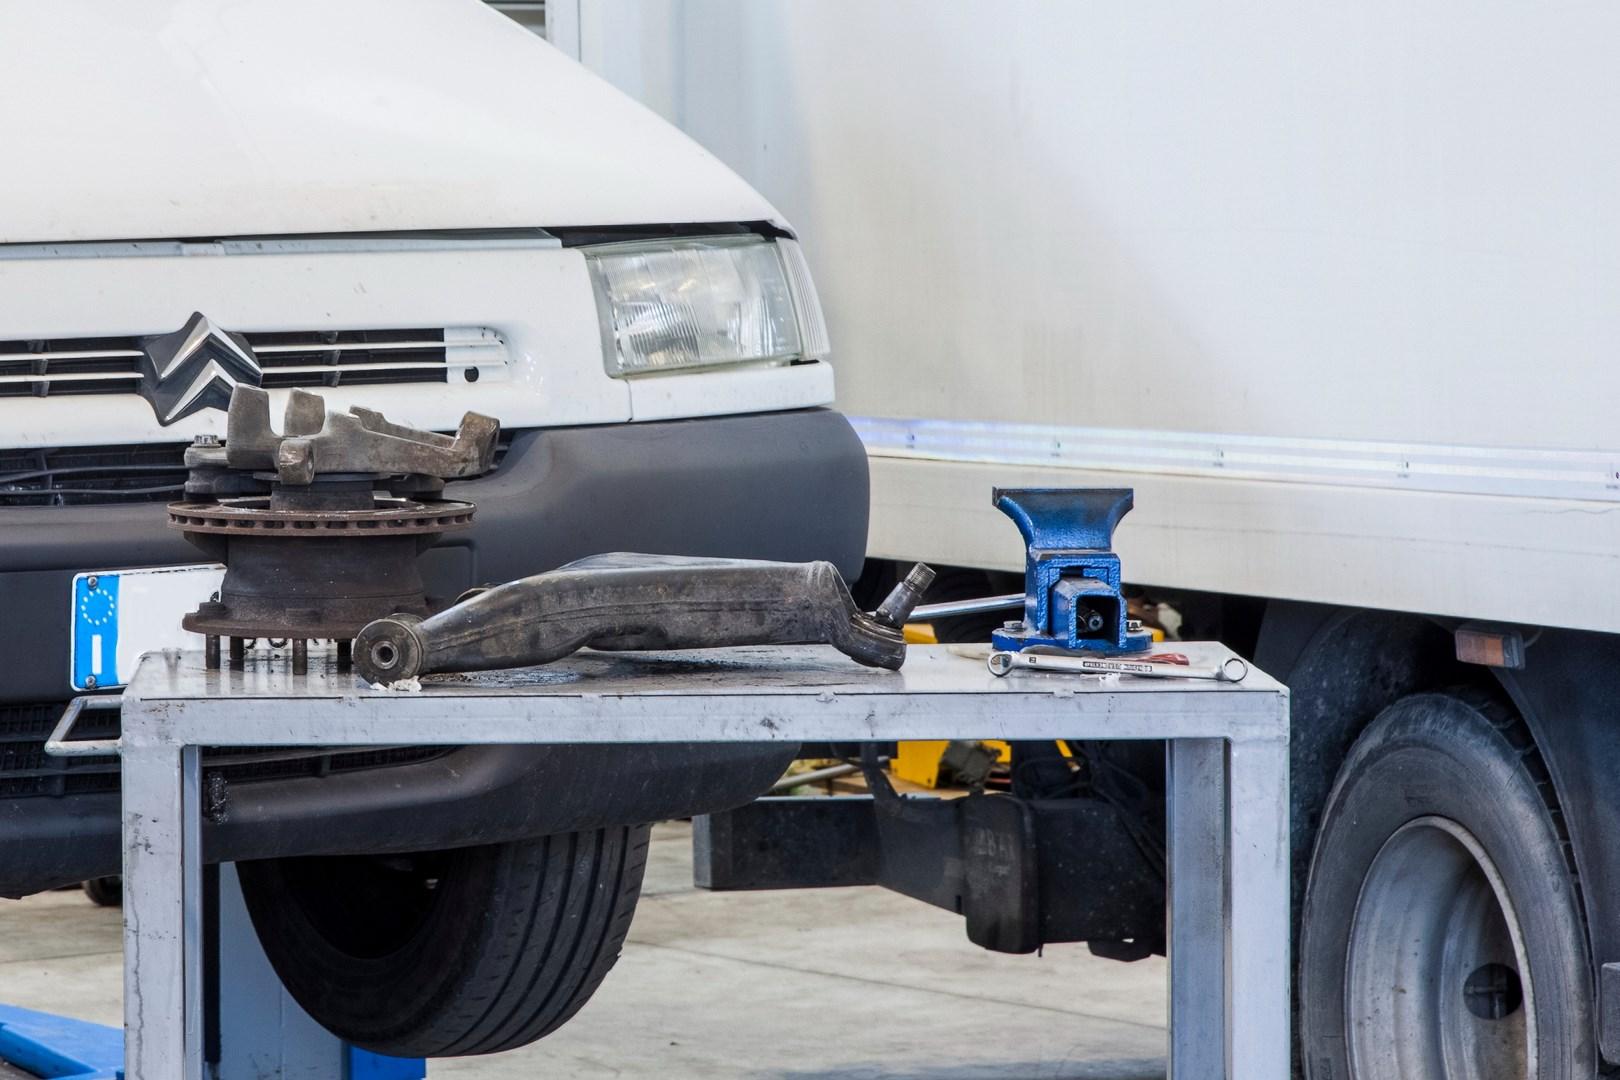 Officina meccanica per auto, veicoli commerciali e industriali leggeri